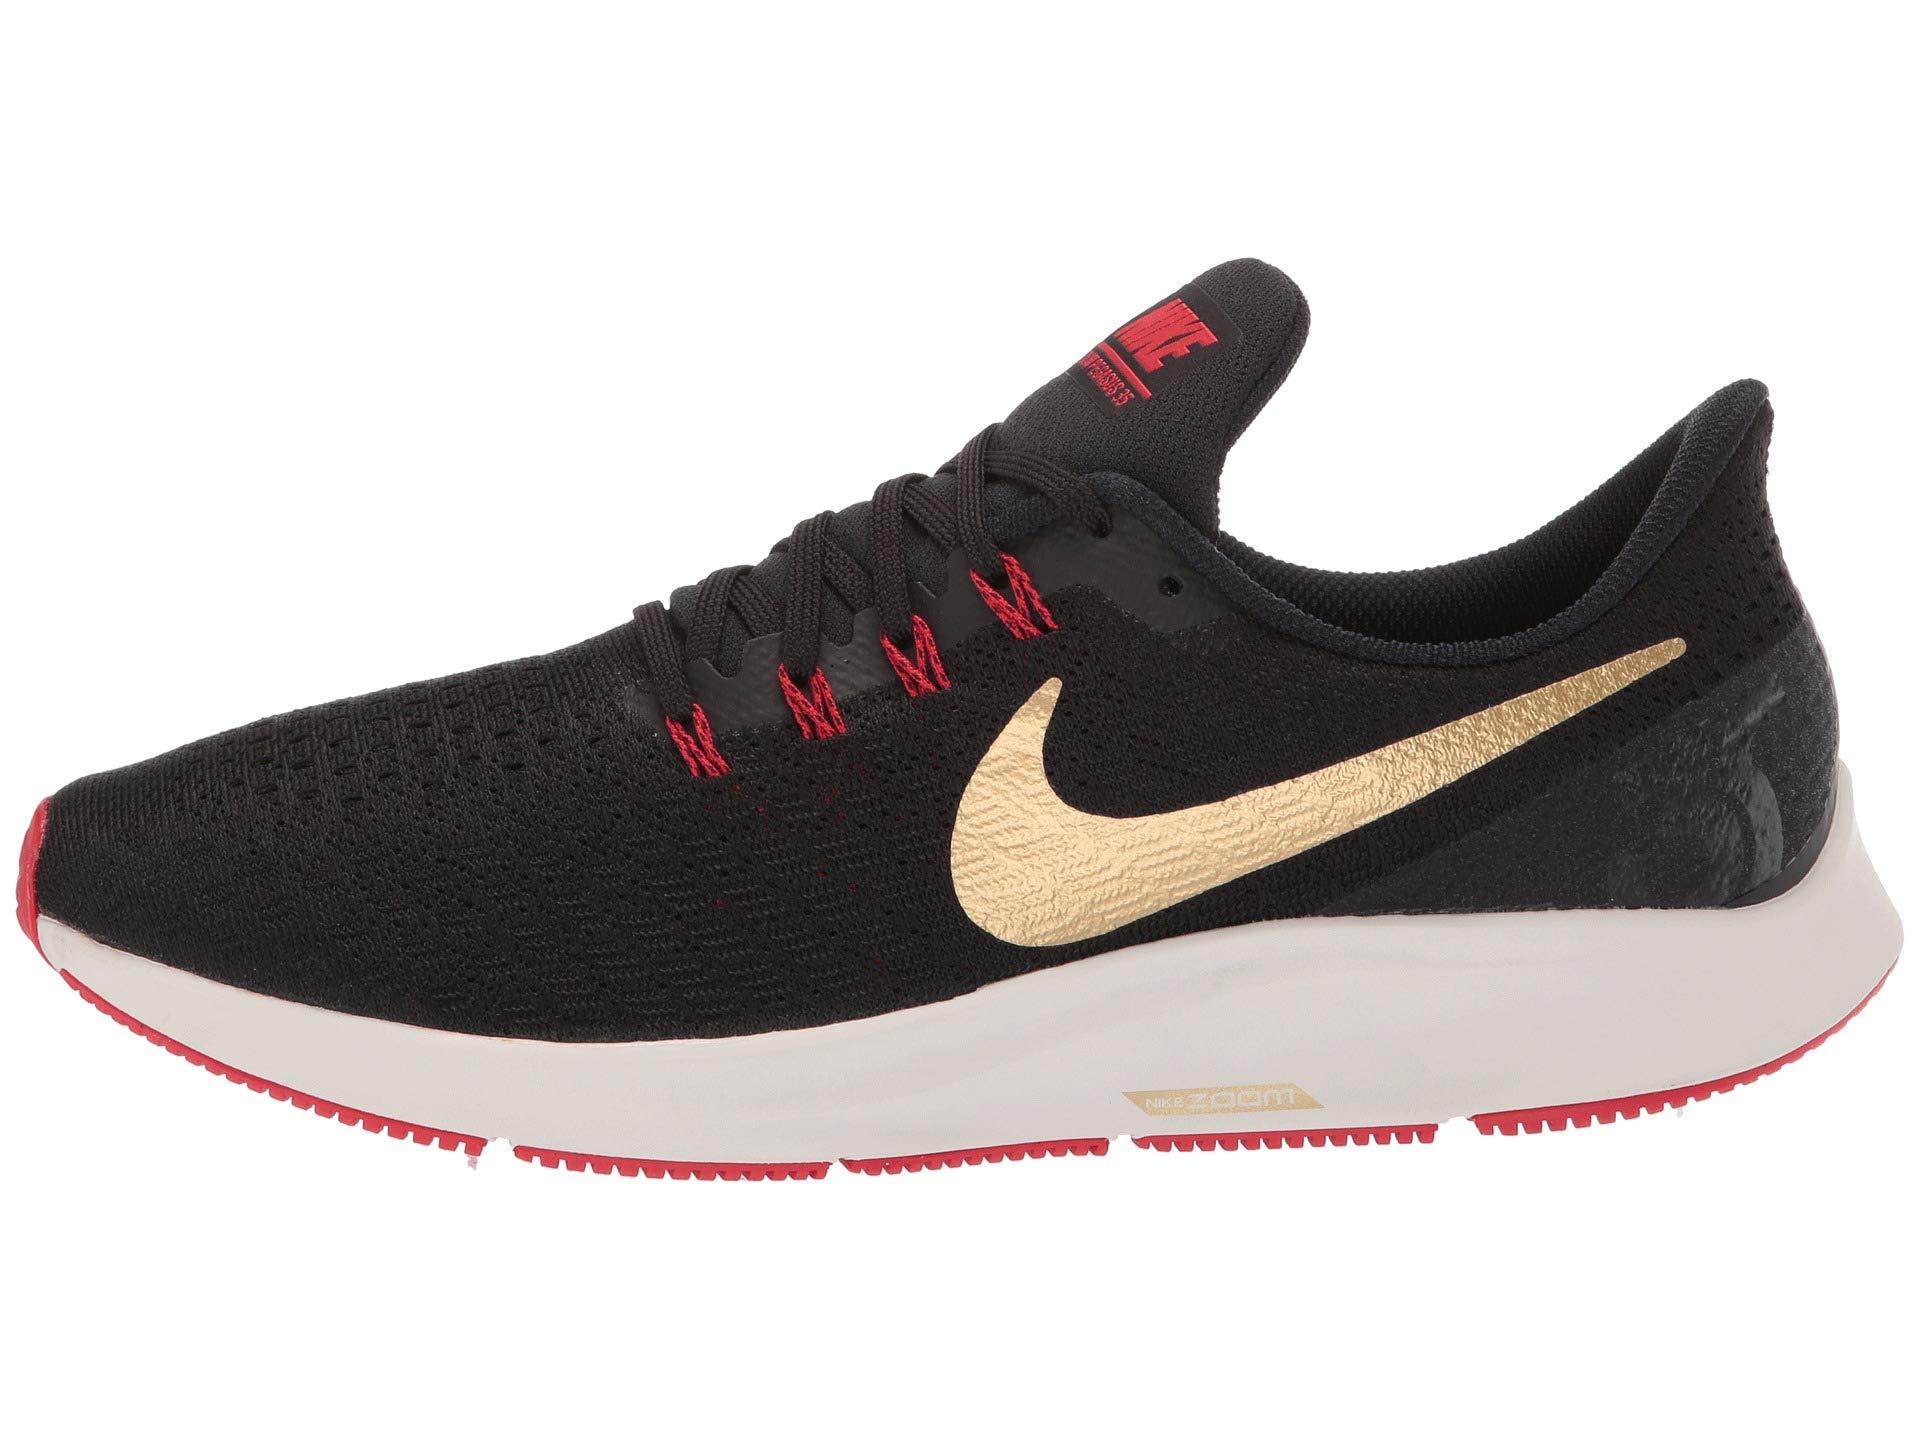 Nike Air Zoom Pegasus 35 Sz 6.5 Mens Running Black/Metallic Gold-University Red Shoes by Nike (Image #6)